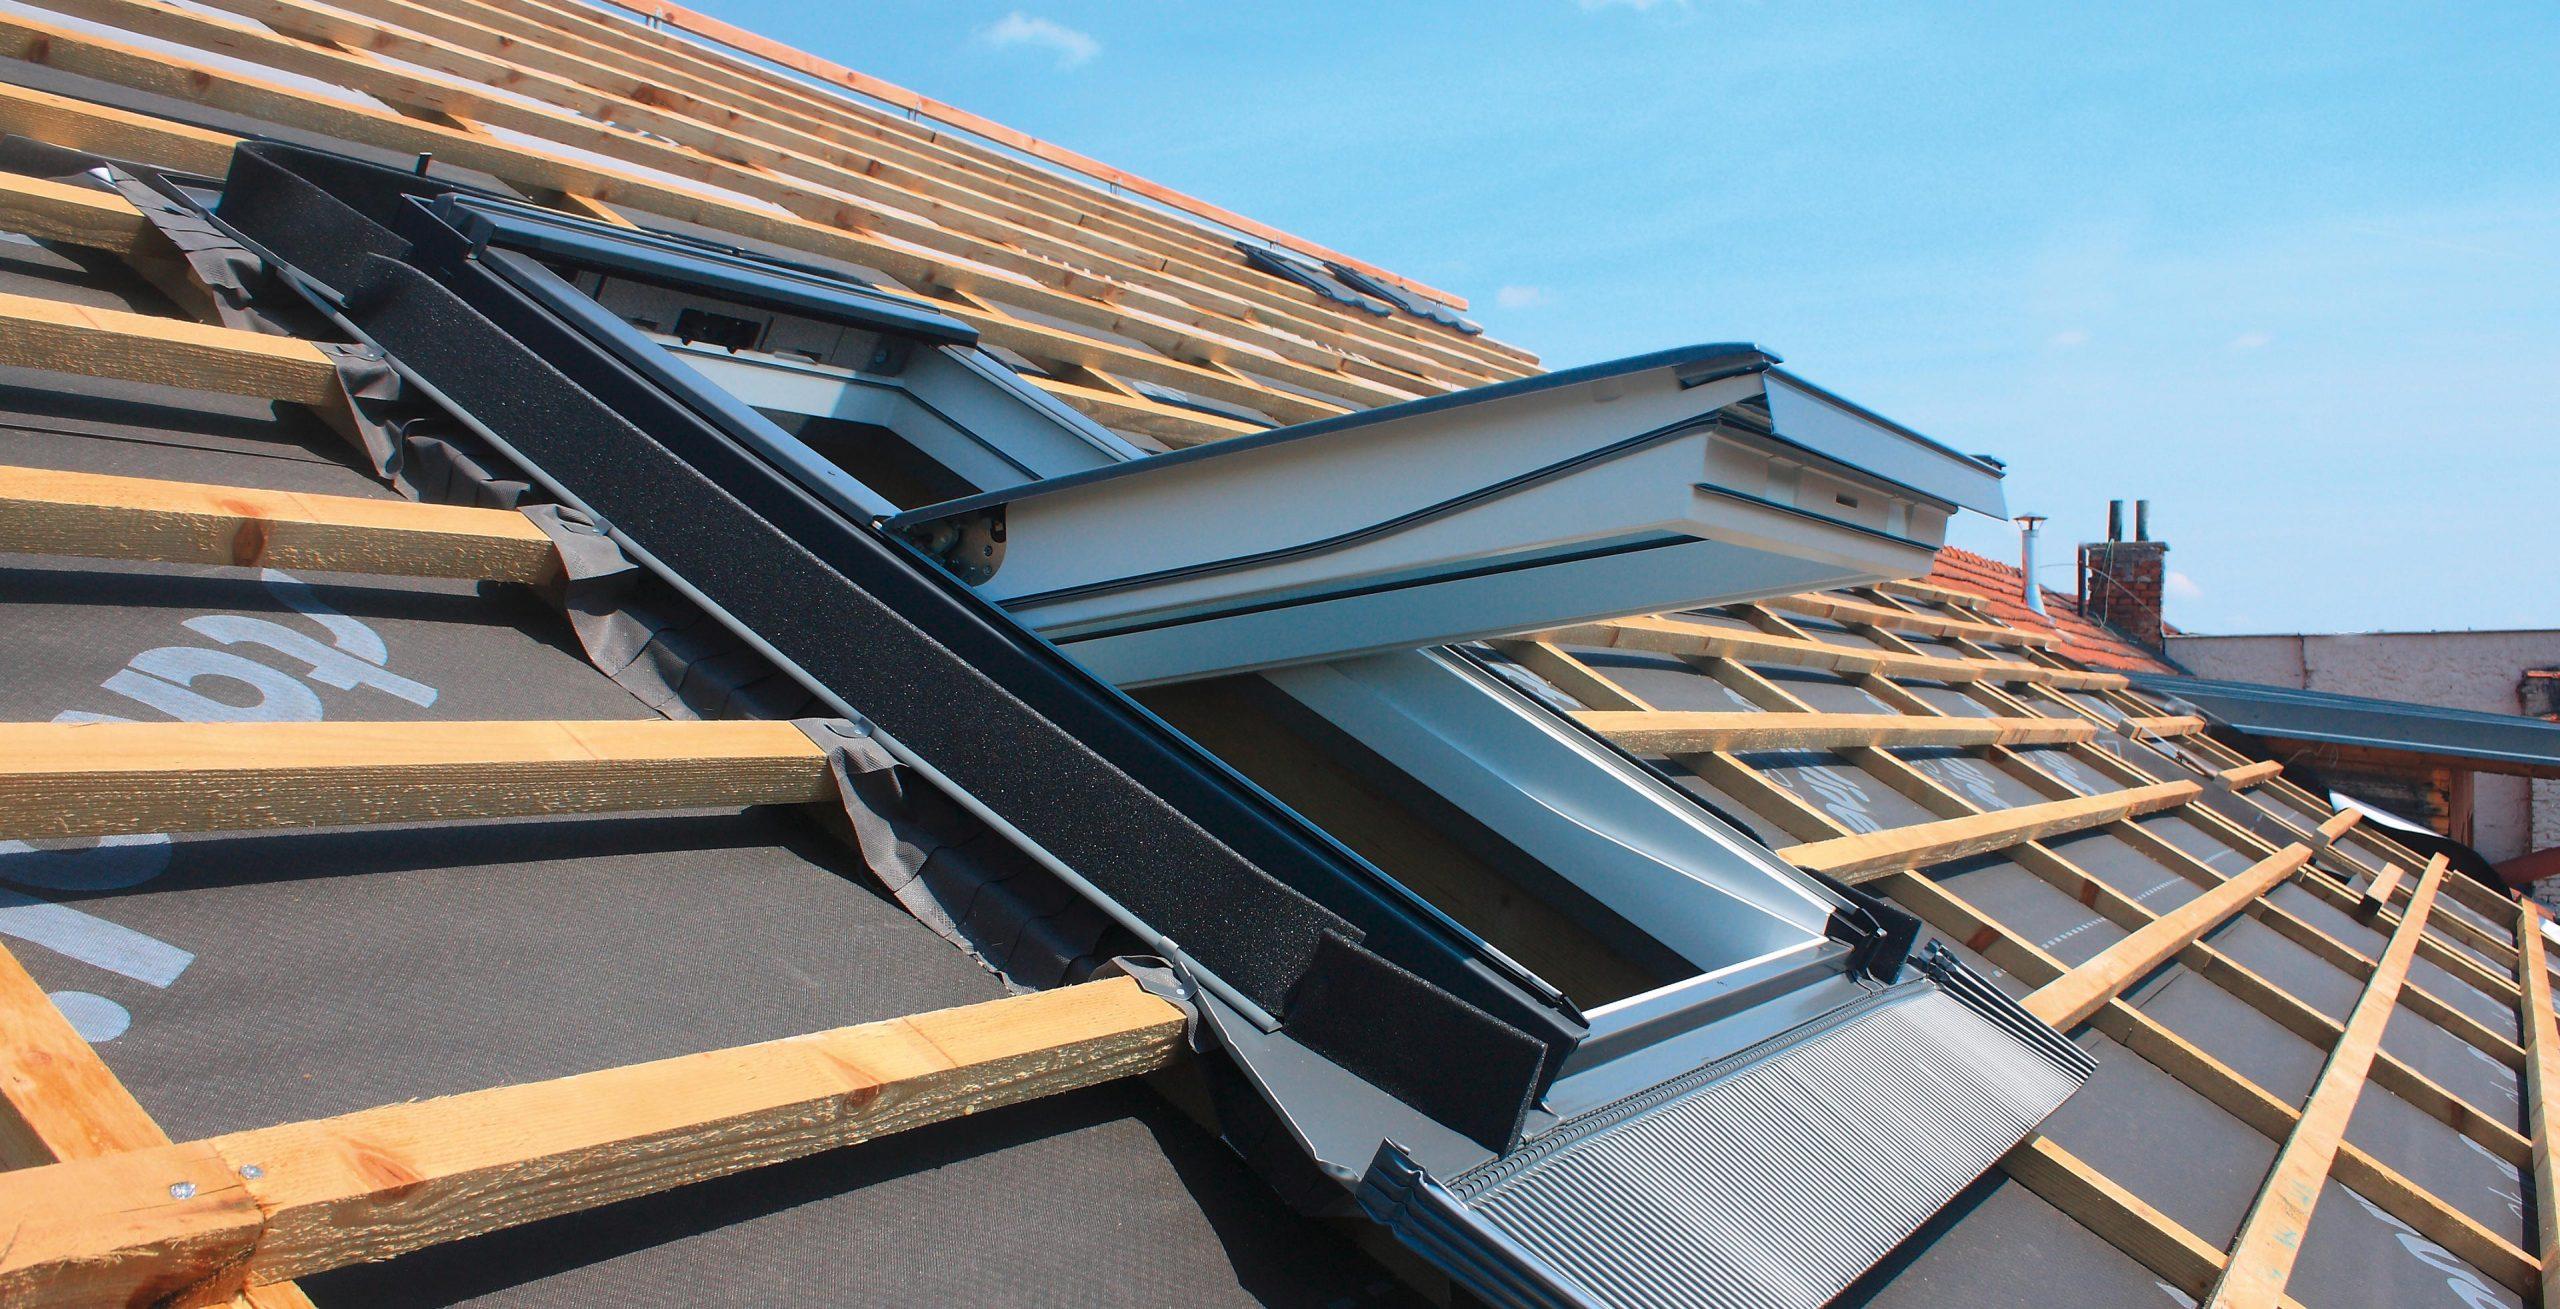 Full Size of Felux Fenster Dachfenster Fensteraustausch Reparatur Veluroto Flachdachfenster Aluminium Austauschen Kosten Sichern Gegen Einbruch Mit Lüftung Sichtschutz Fenster Felux Fenster